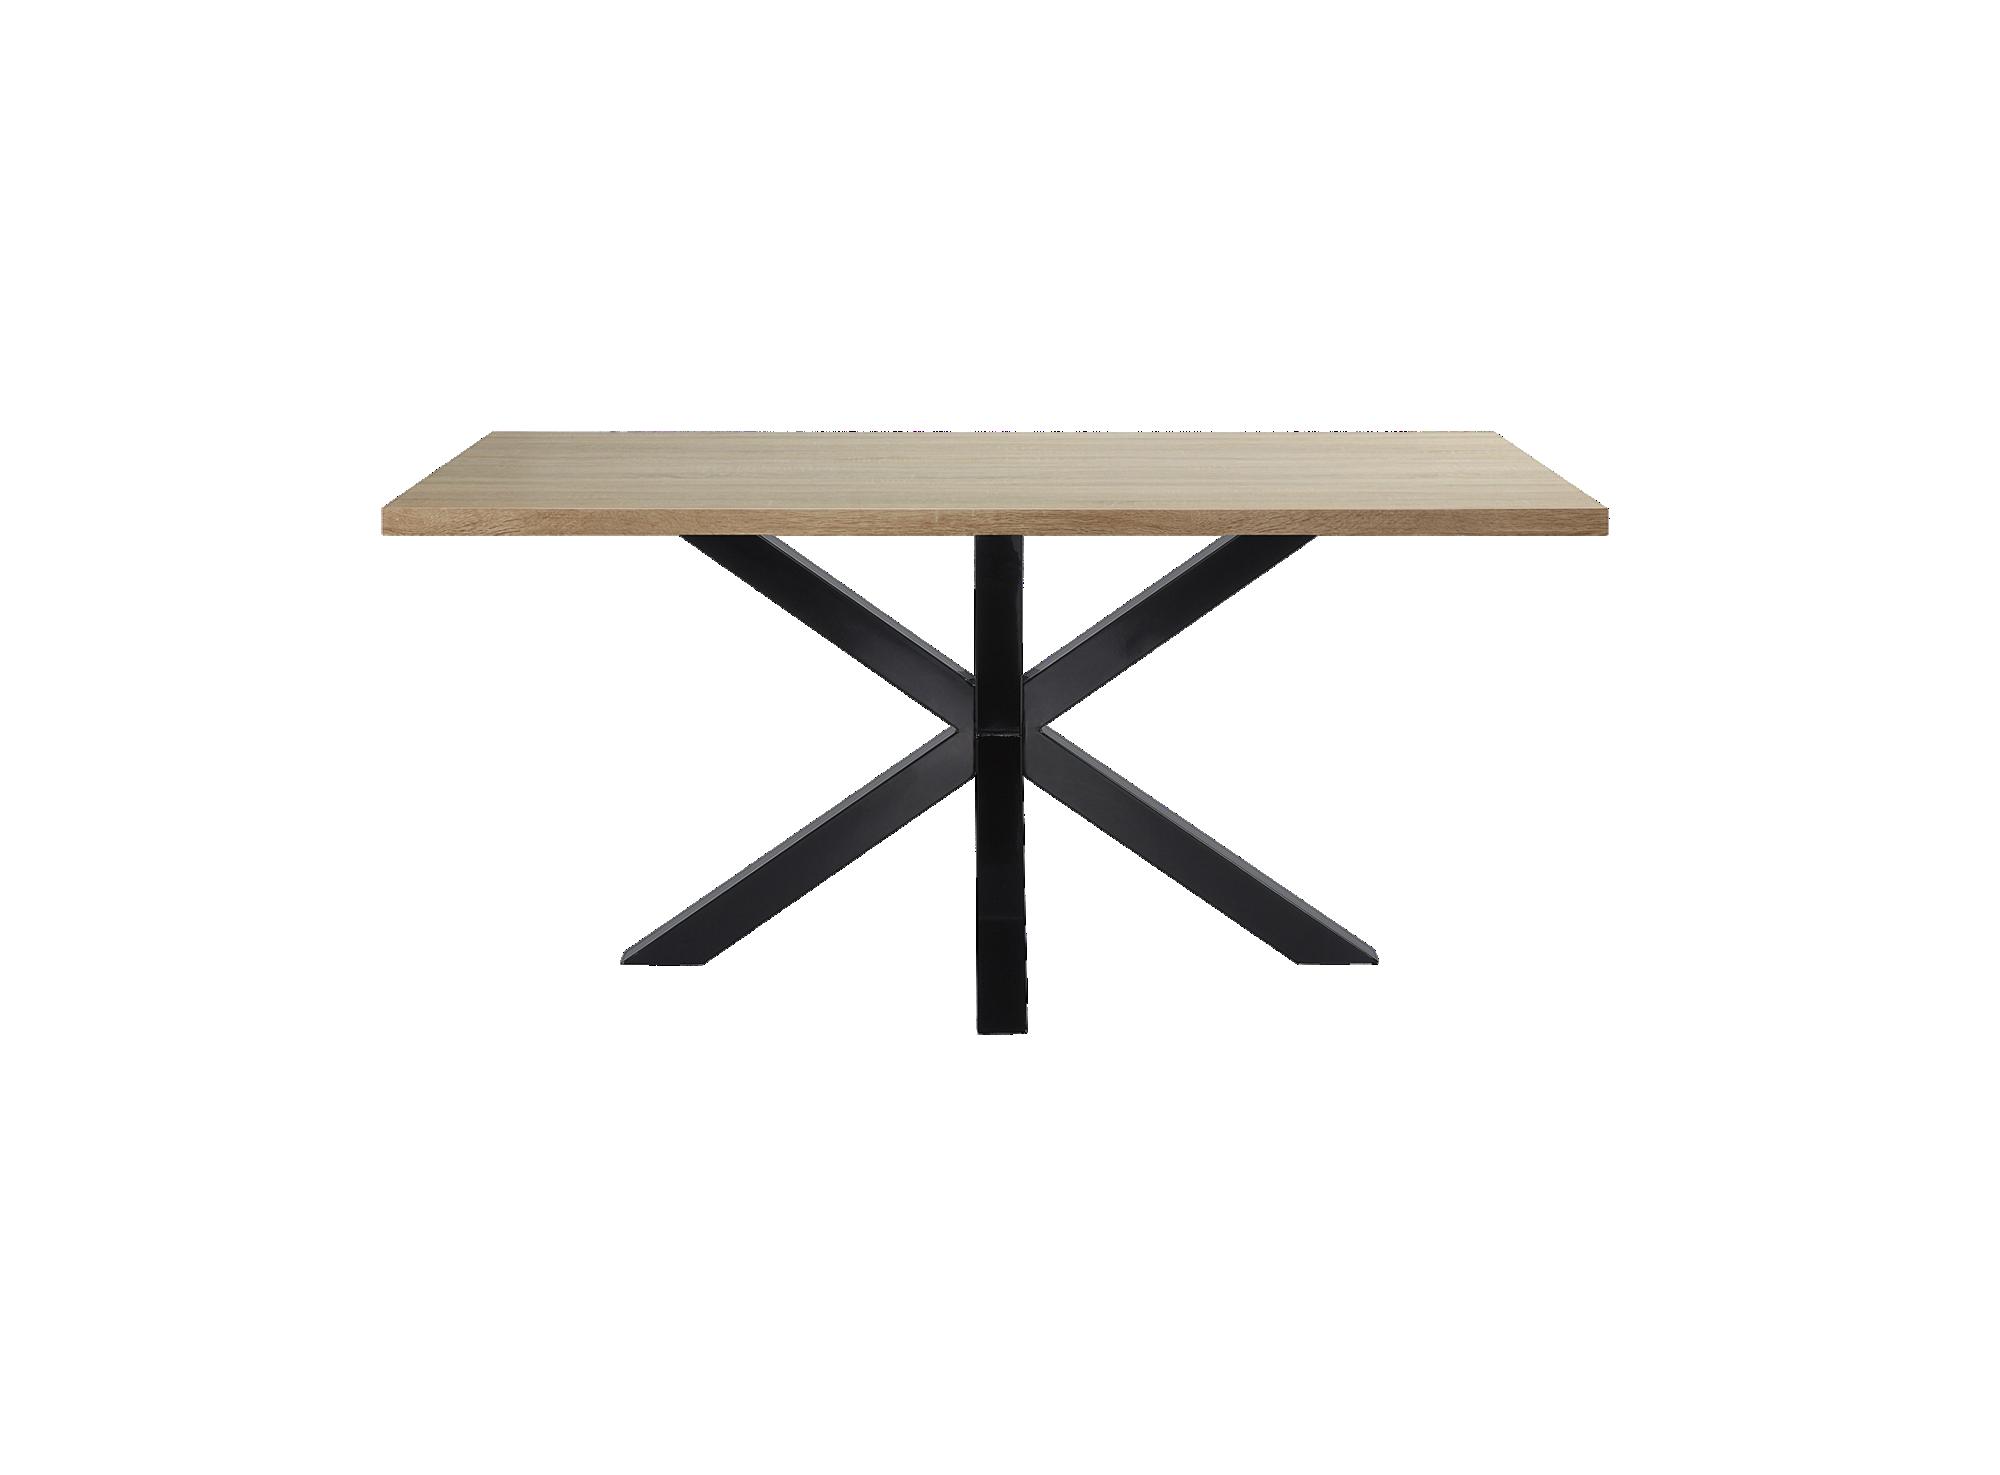 Table metal noir/imit chene structure et pietement en metal (acier) r ...